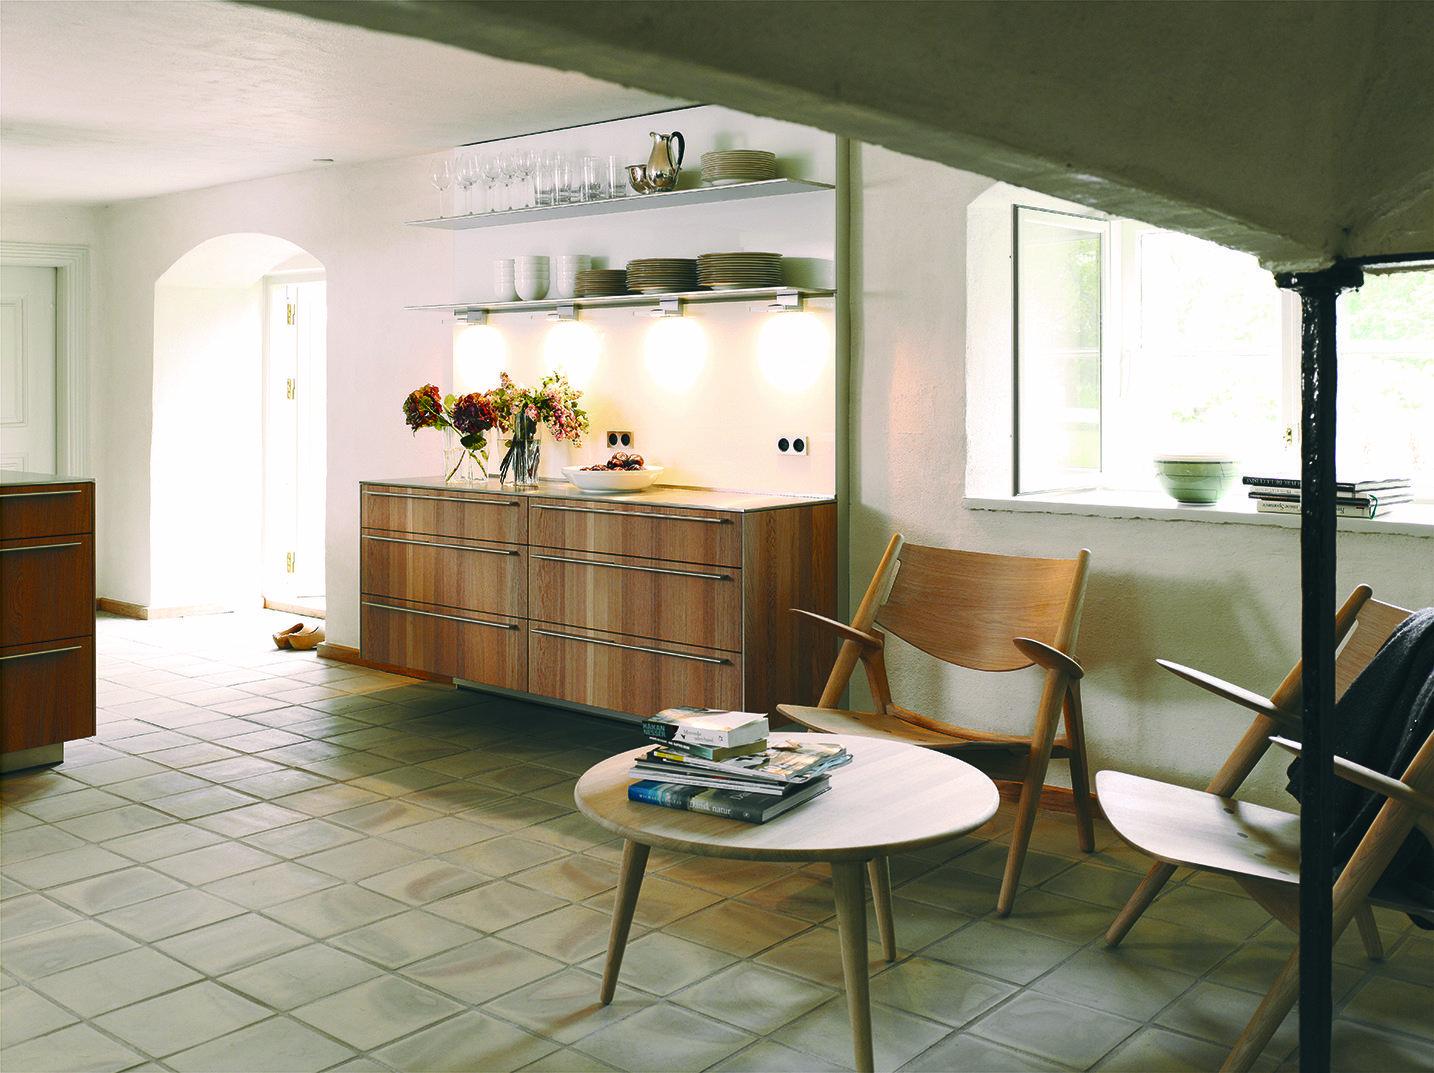 Bulthaup B3 Keuken : Bulthaup b keuken het sideboard van deze keuken hangt aan de